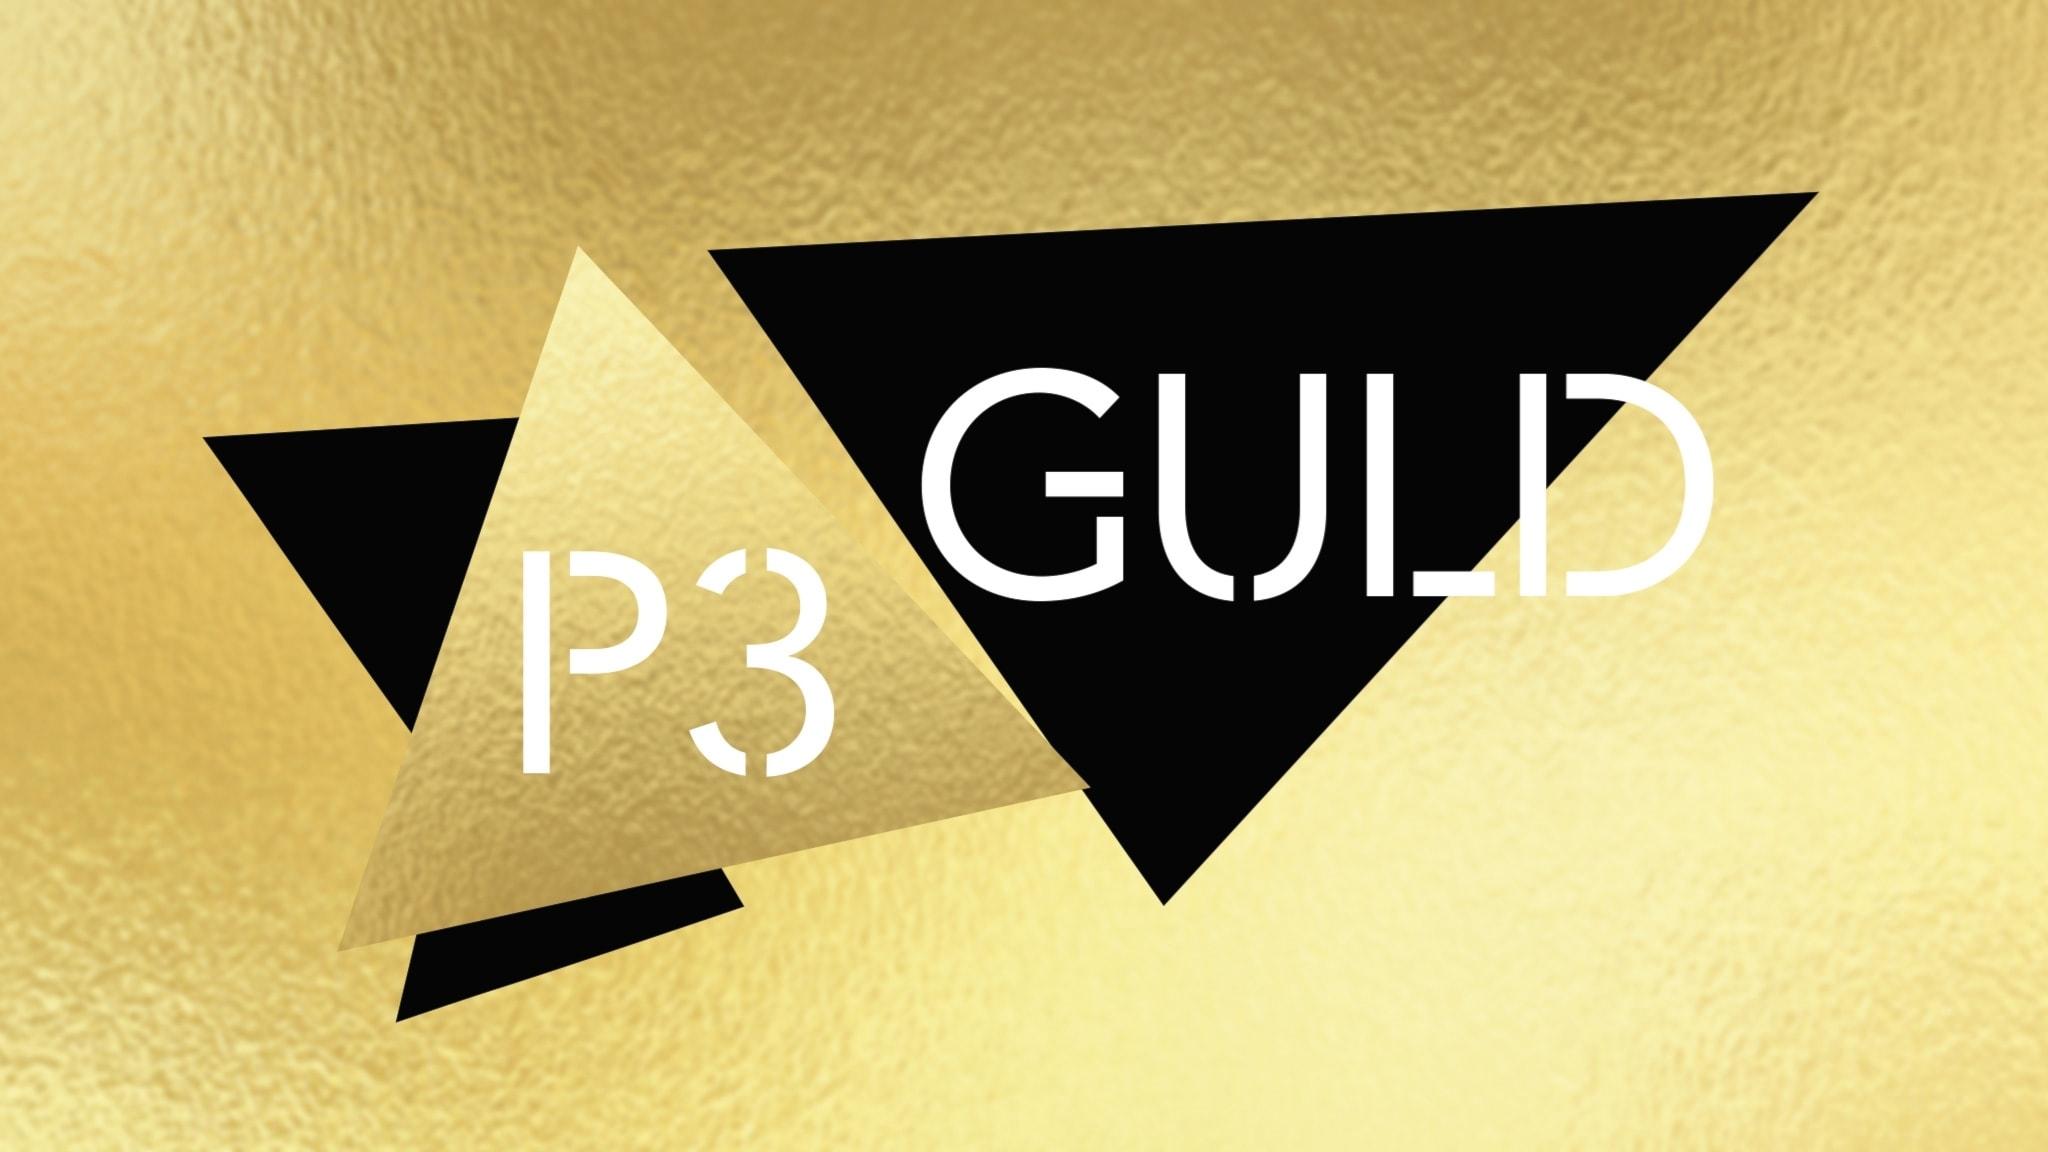 Vi avslöjar vilka som är nominerade till P3 Guld 2018